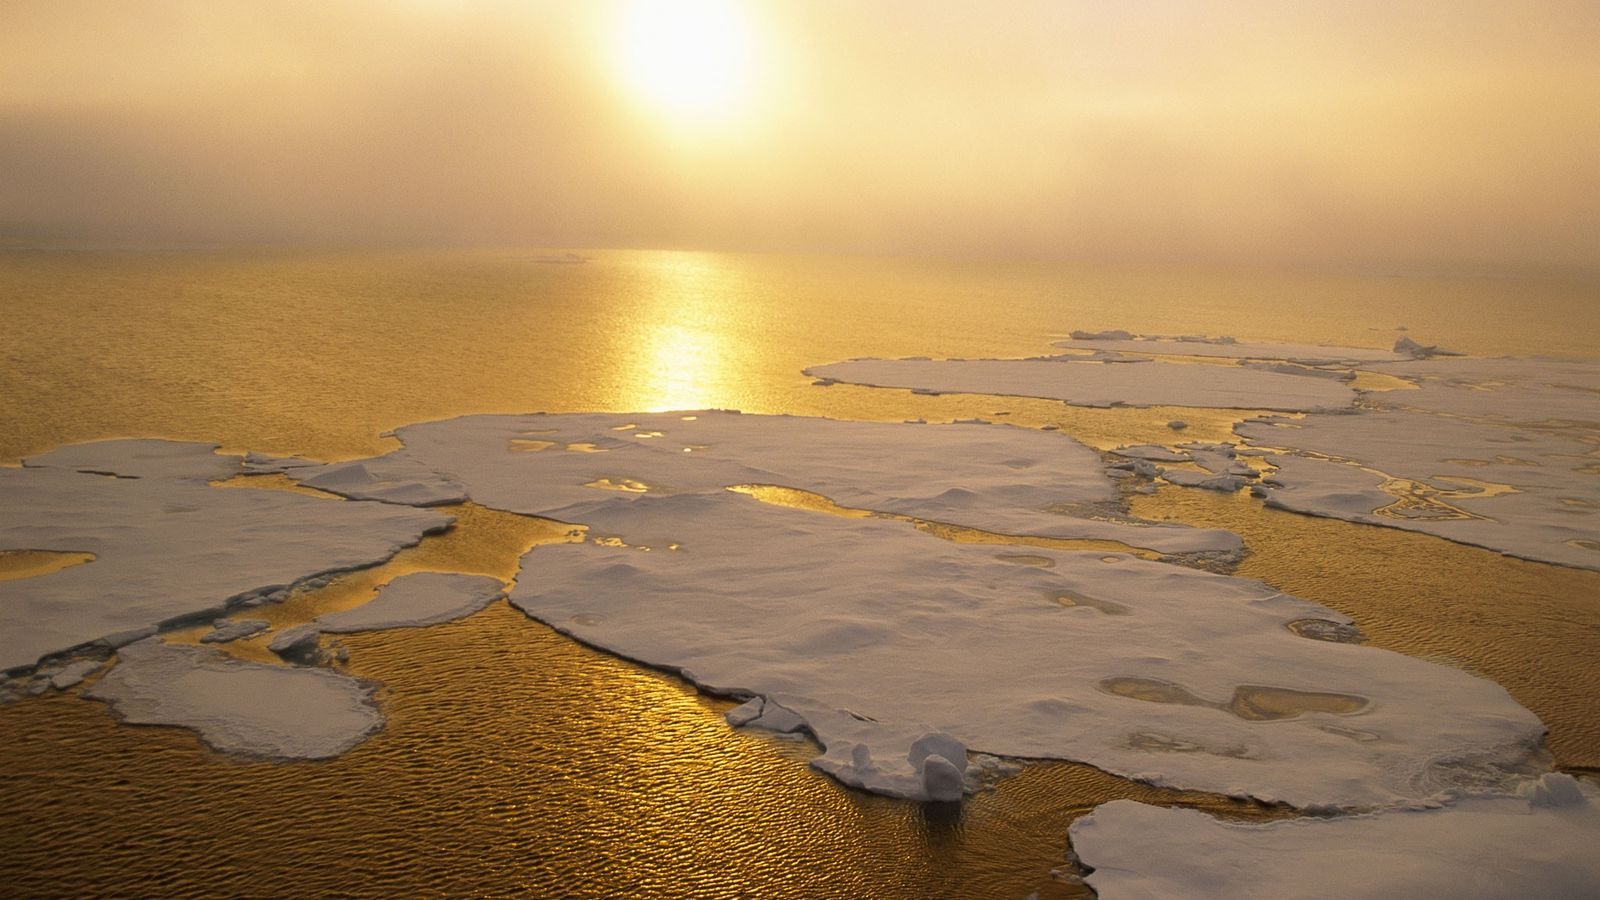 El hielo ártico se está derritiendo rápidamente, creando más agua abierta. Pero los científicos saben poco ...